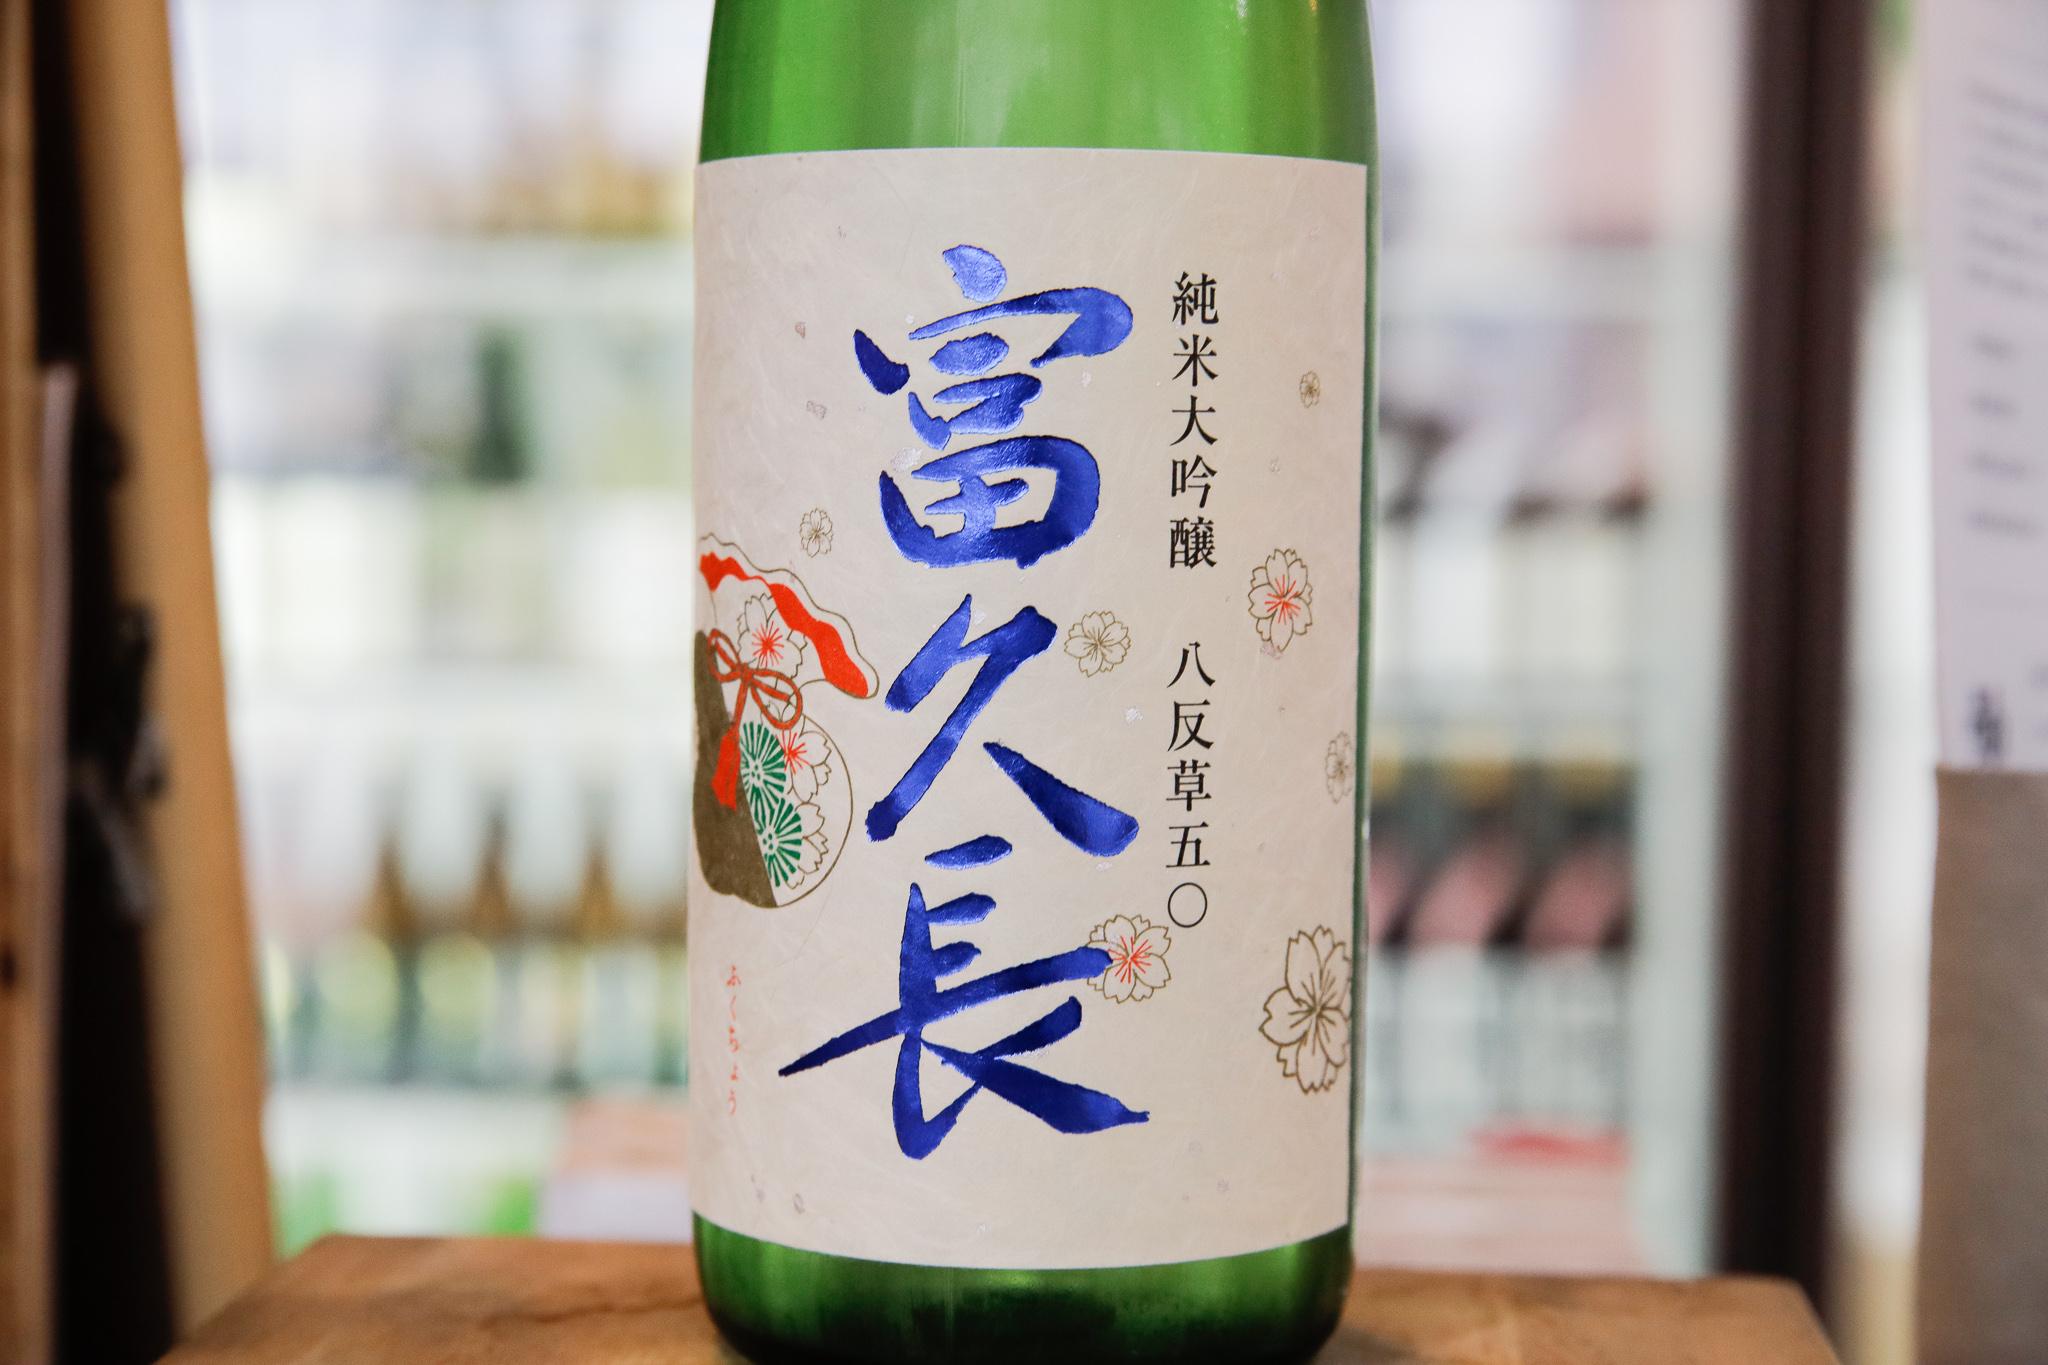 富久長/今田酒造本店(広島県東広島市)